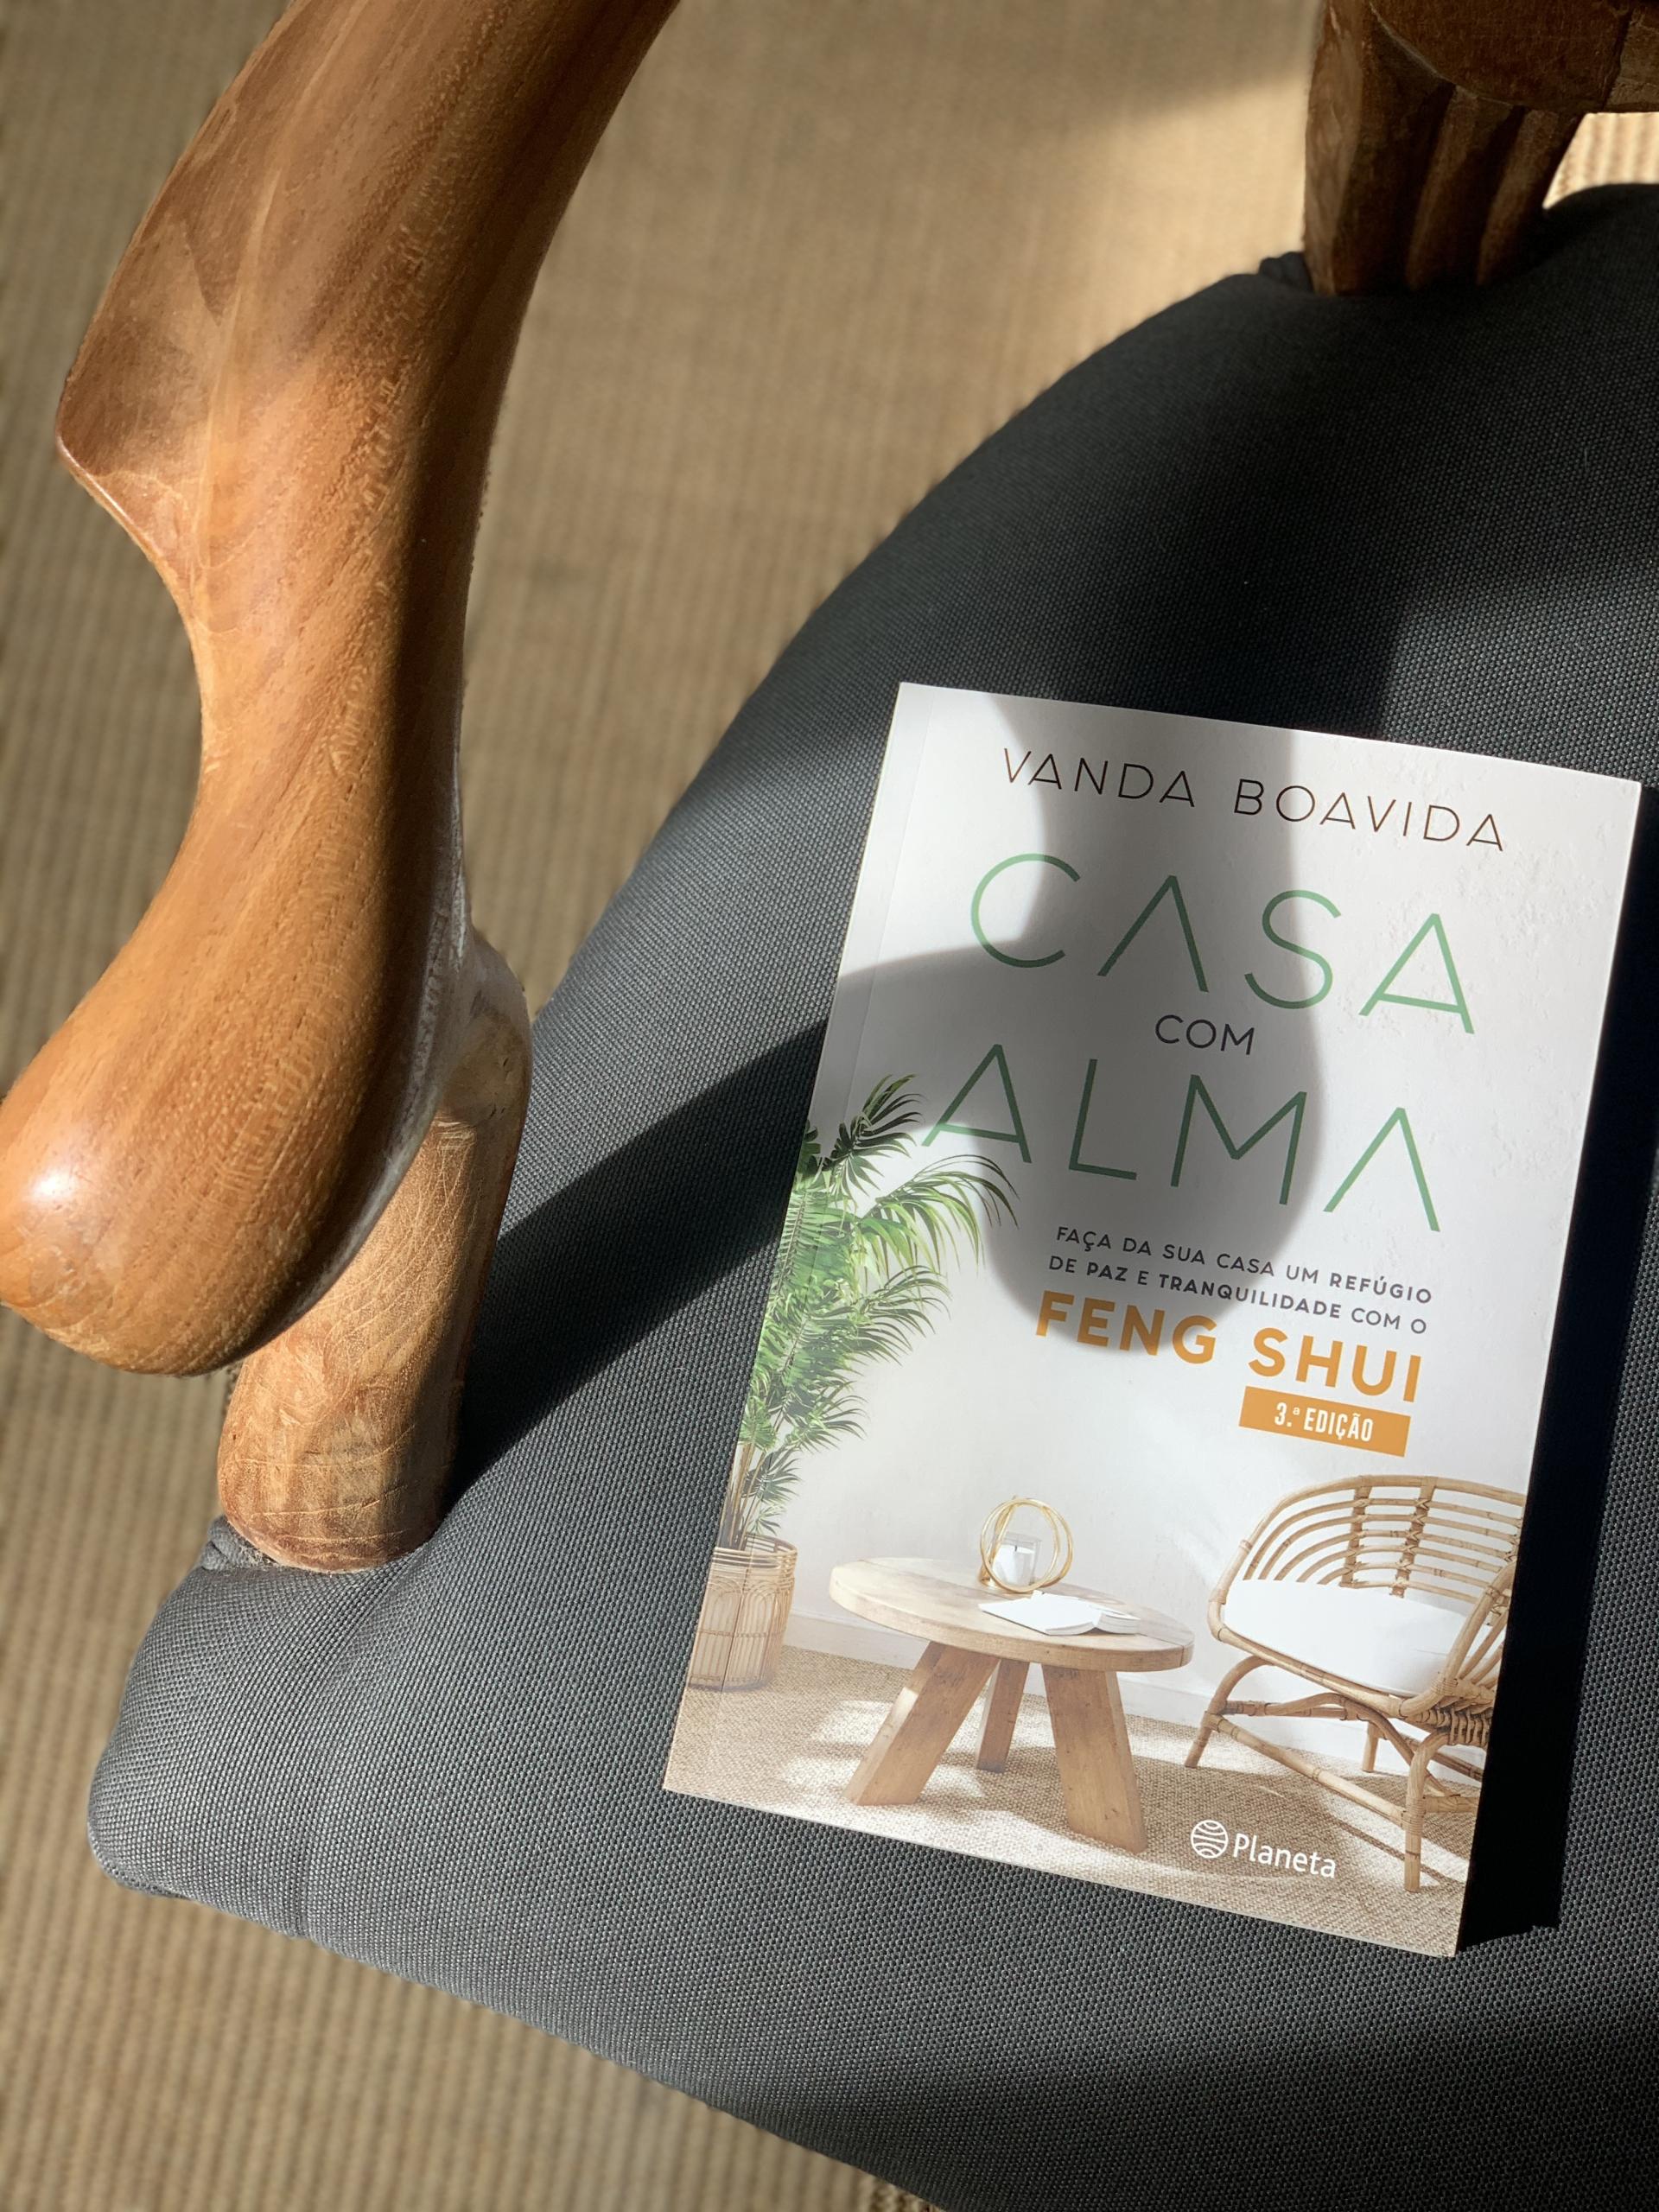 Livro Casa com Alma assente numa poltrona